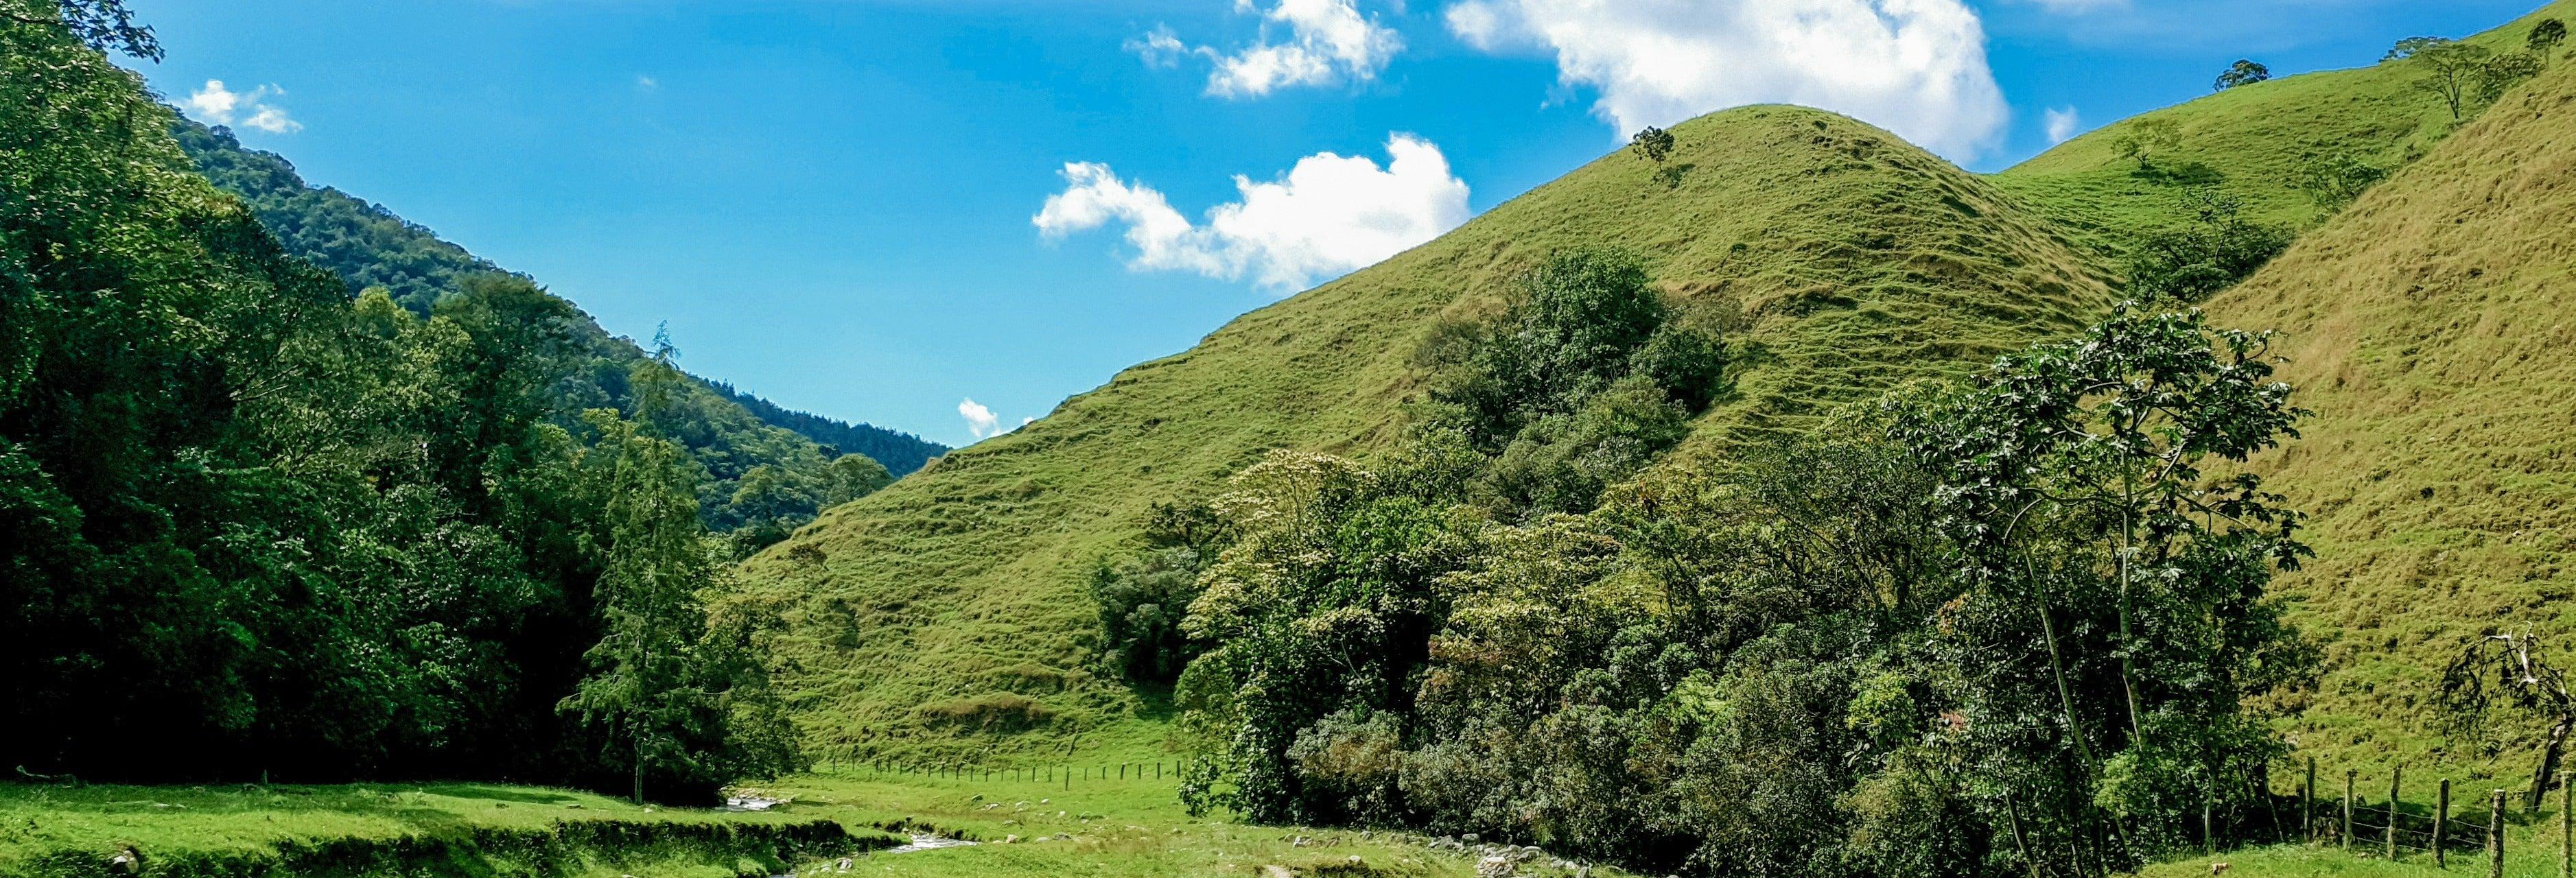 Balade à cheval dans les montagnes de Caldas